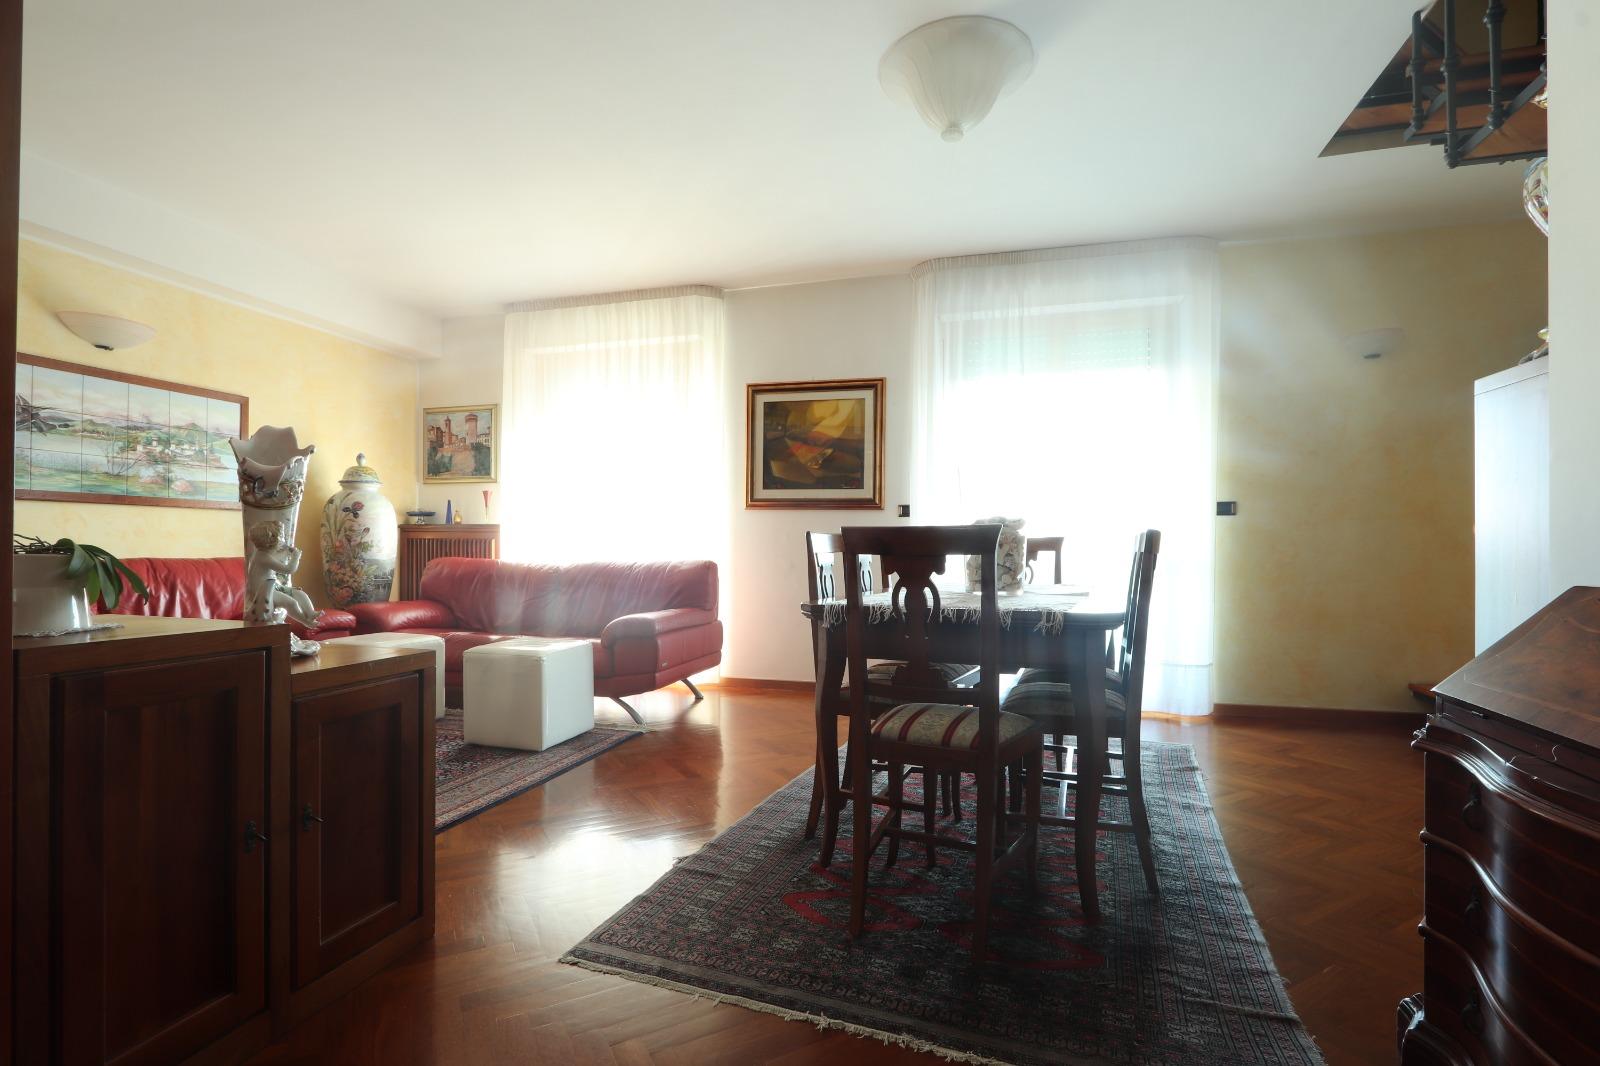 Appartamento in Zona Conad a San Benedetto del Tronto (AP)